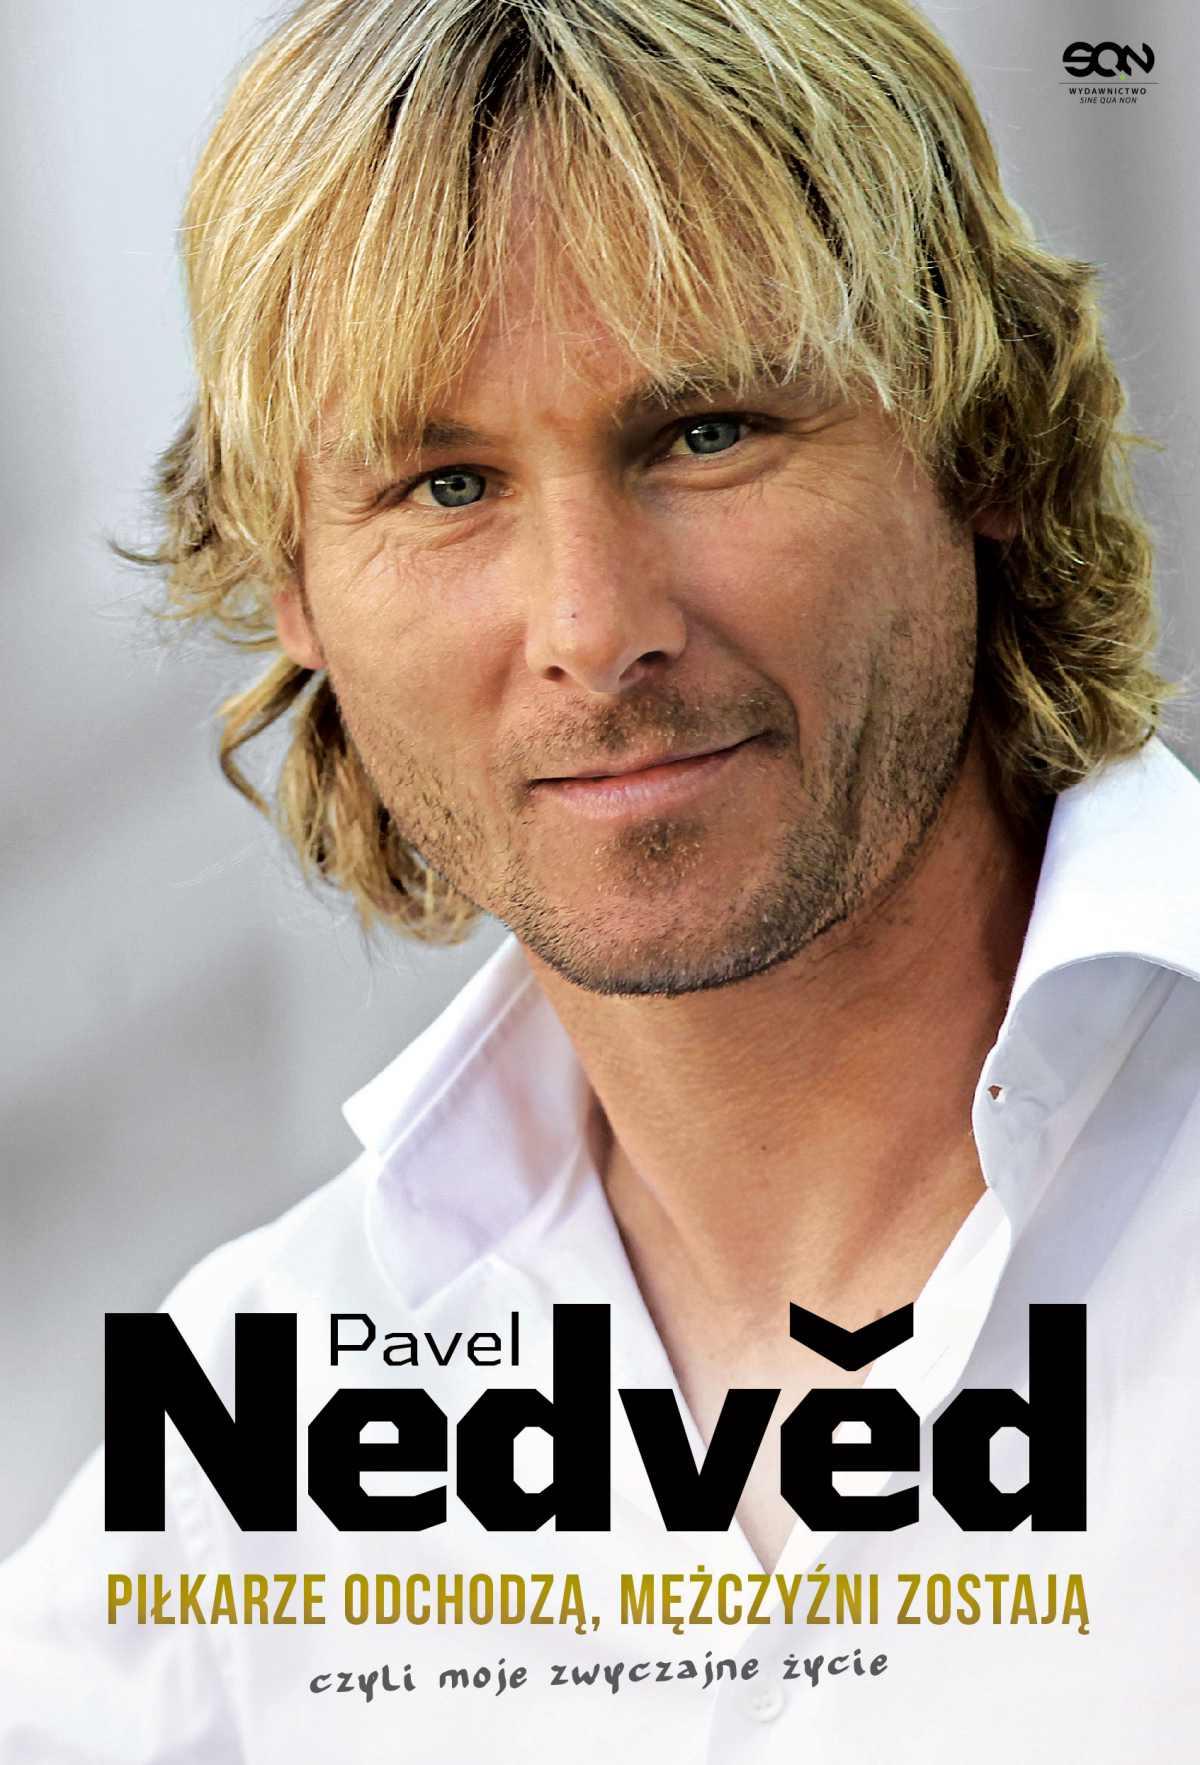 Pavel Nedved. Piłkarze odchodzą, mężczyźni zostają. Czyli moje zwyczajne życie - Ebook (Książka EPUB) do pobrania w formacie EPUB